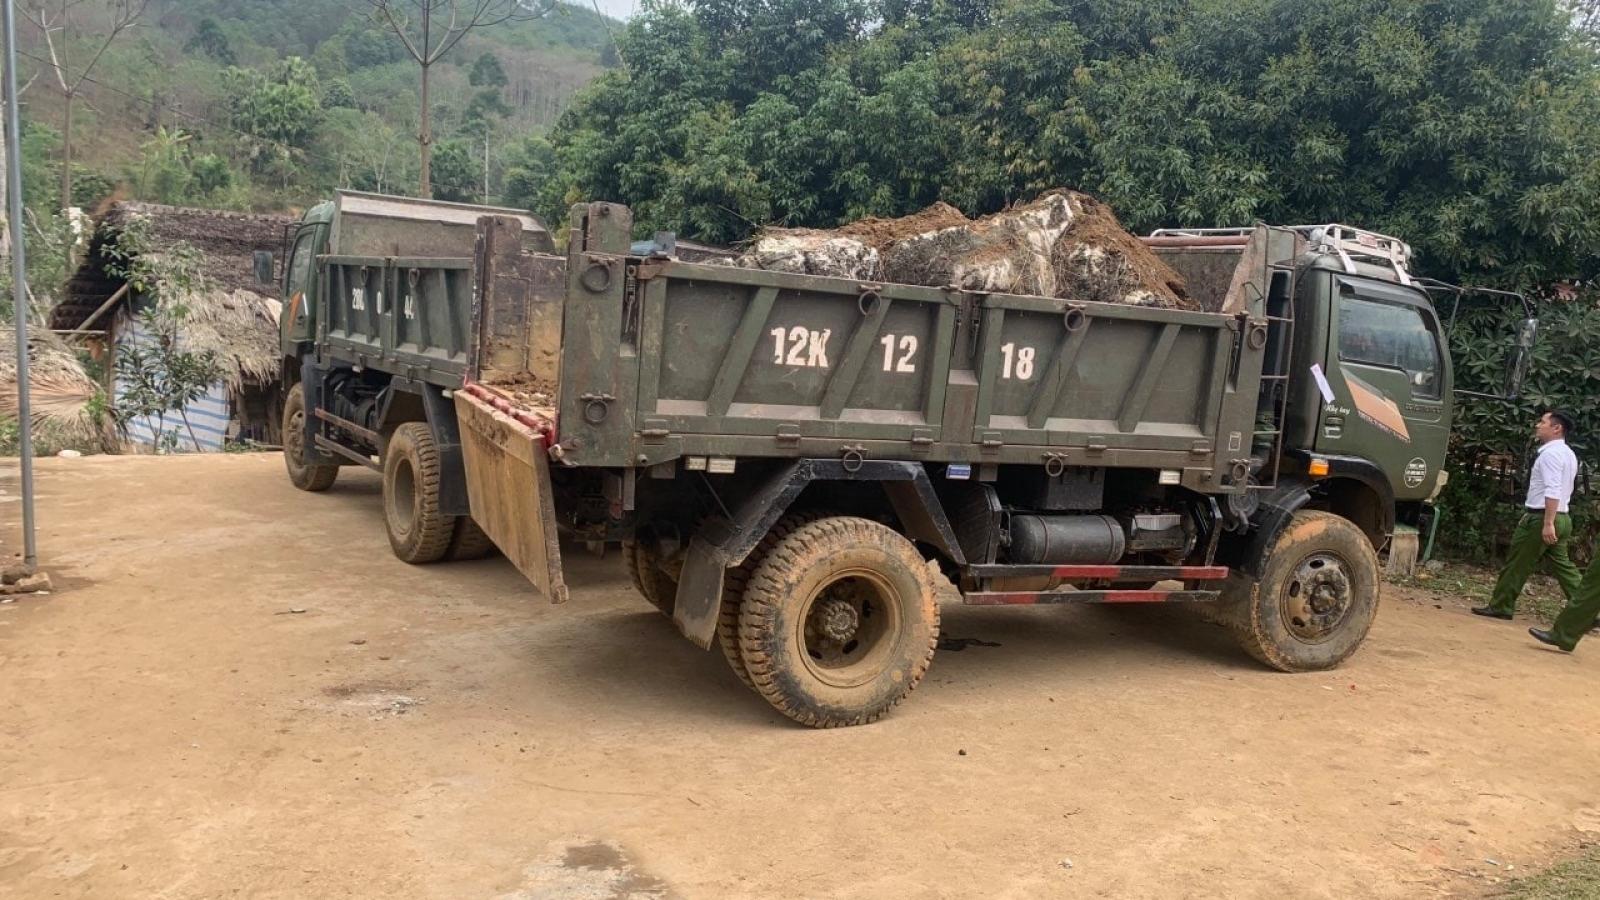 Phát hiện 4 ô tô vận chuyển khai thác khoáng sản trái phép ở Phú Thọ